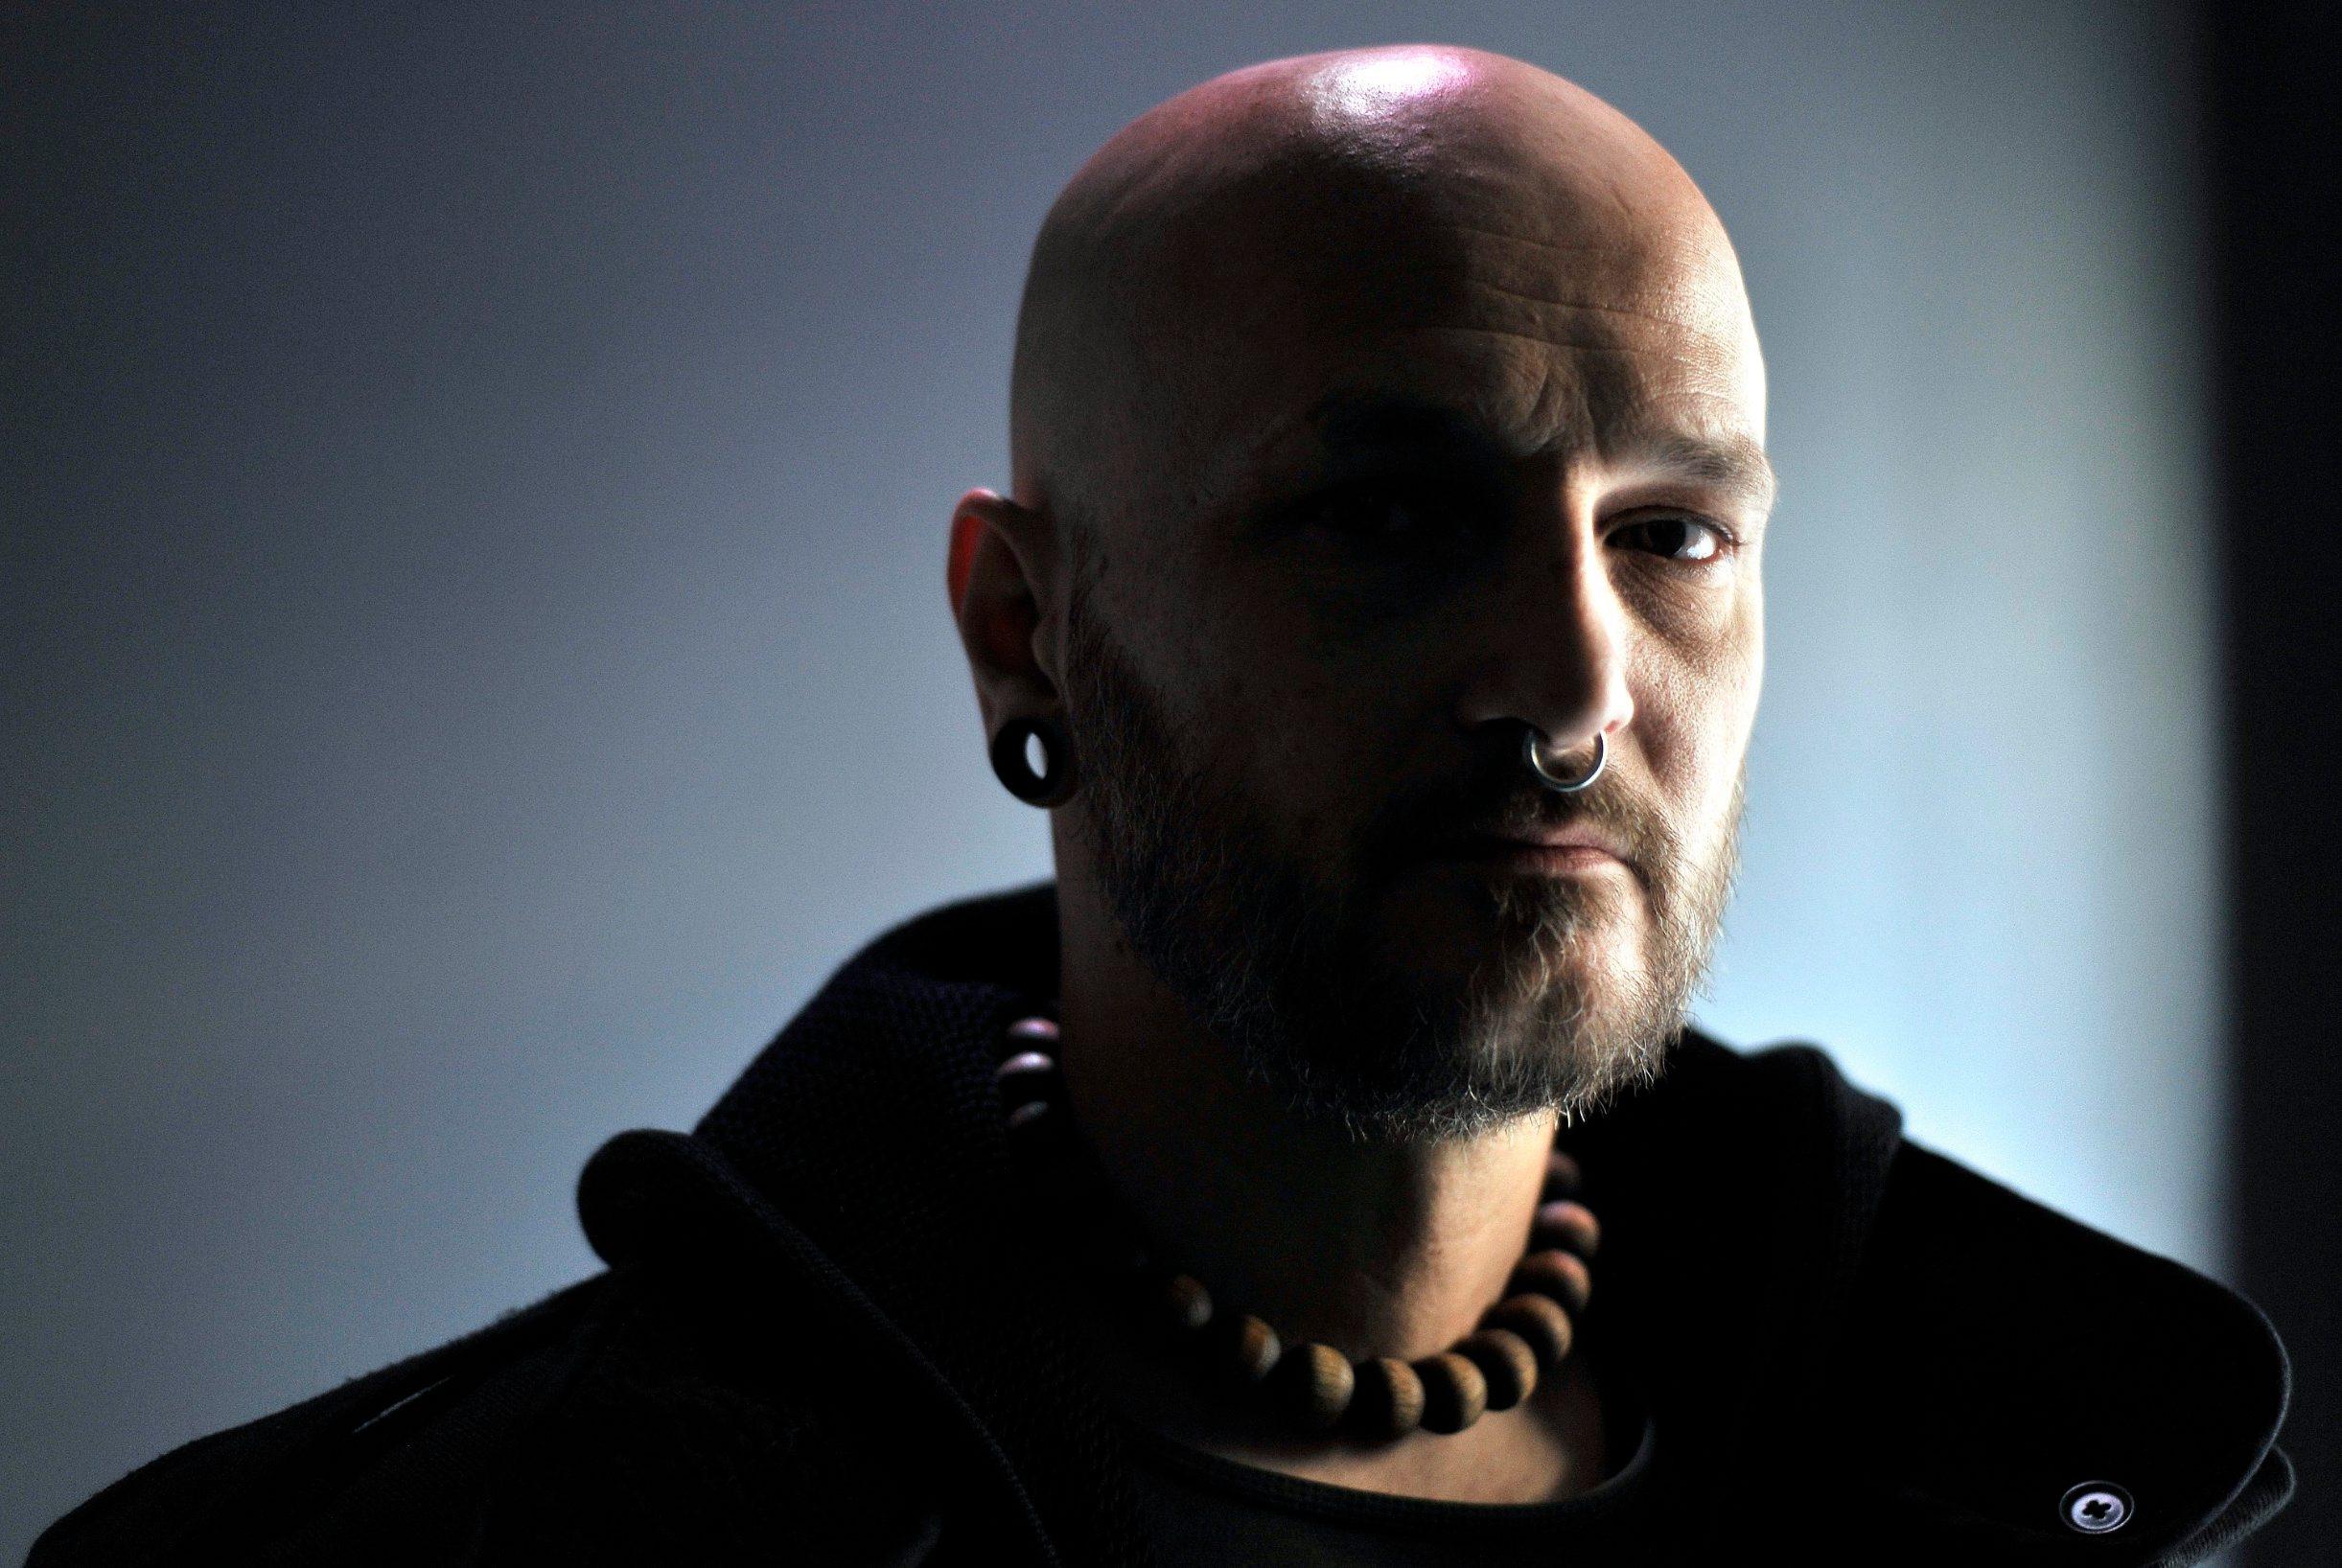 Zagreb, 121214. Damir Urban, hrvatski pjevac i tekstopisac. Foto: Bruno Konjevic / CROPIX